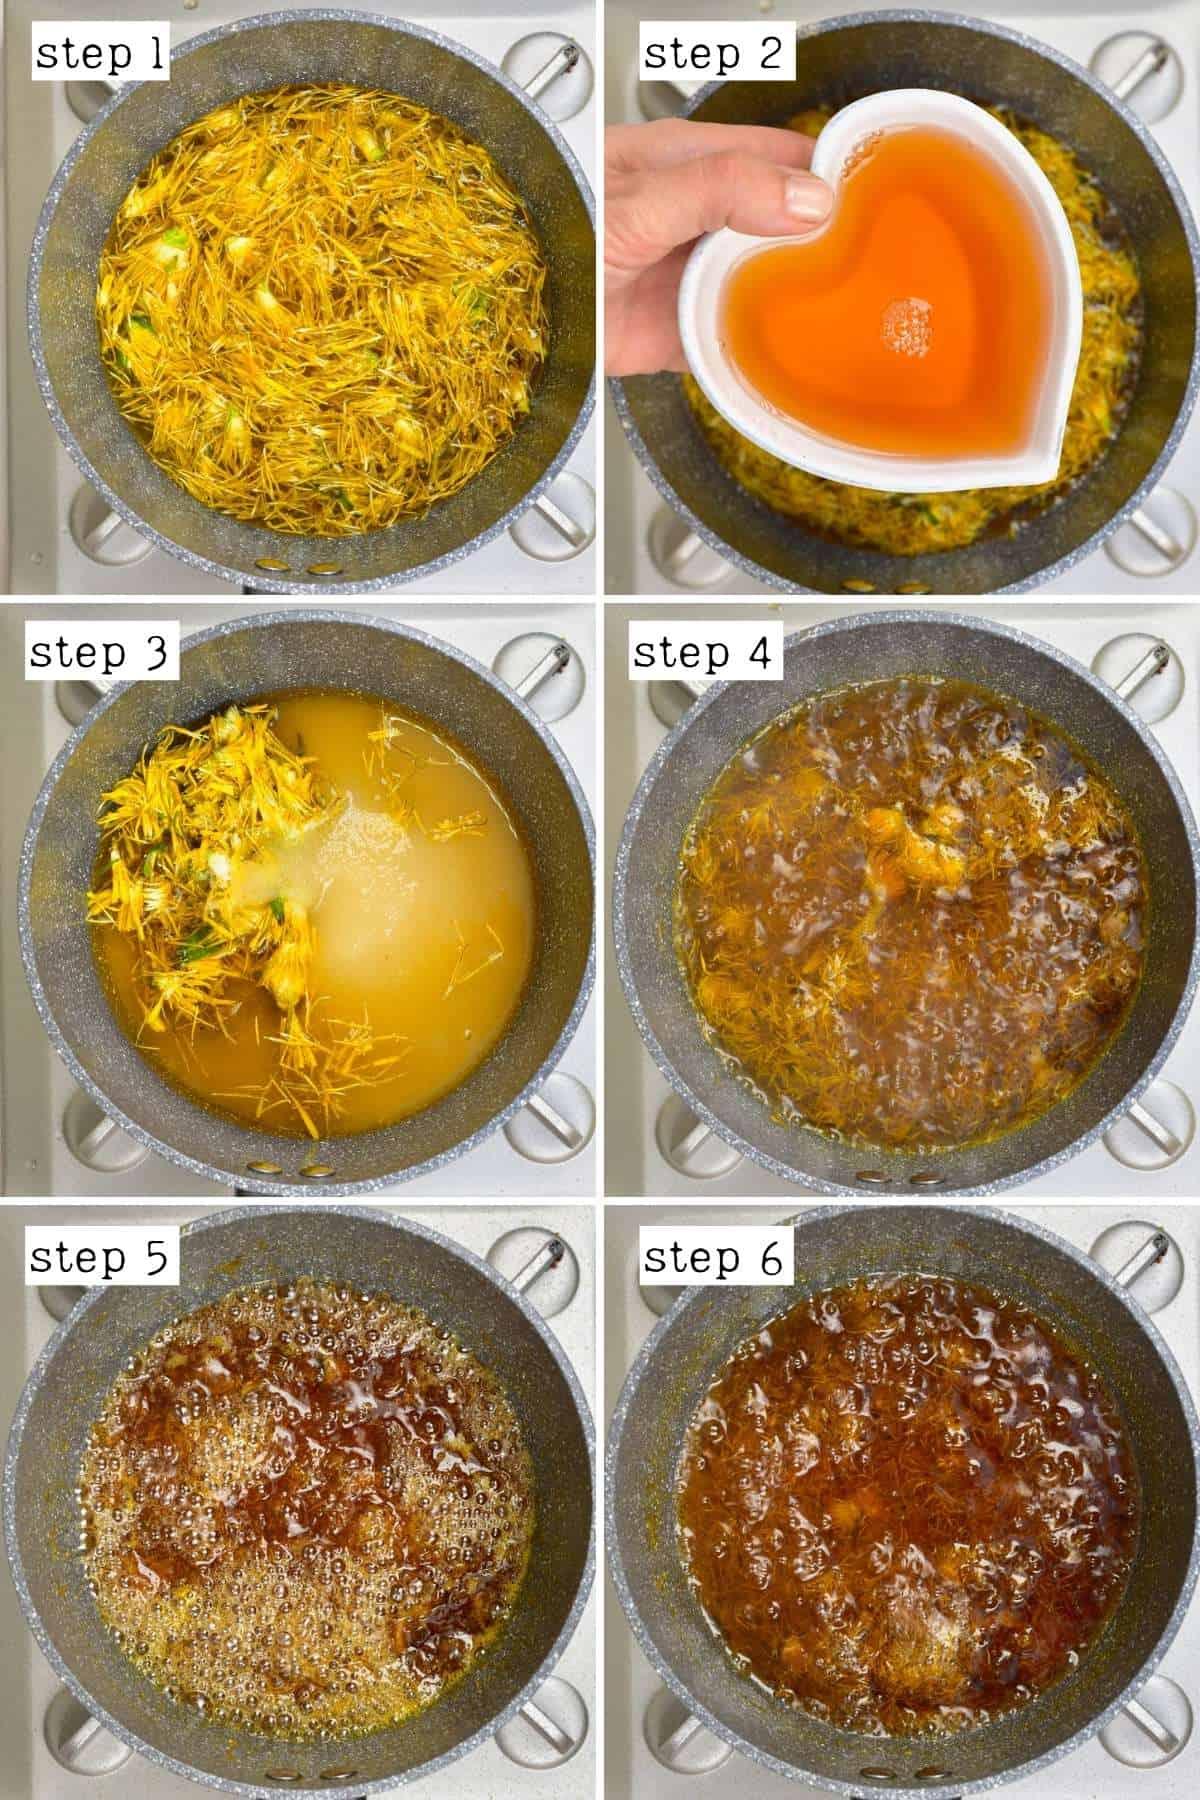 Steps for preparing dandelion syrup